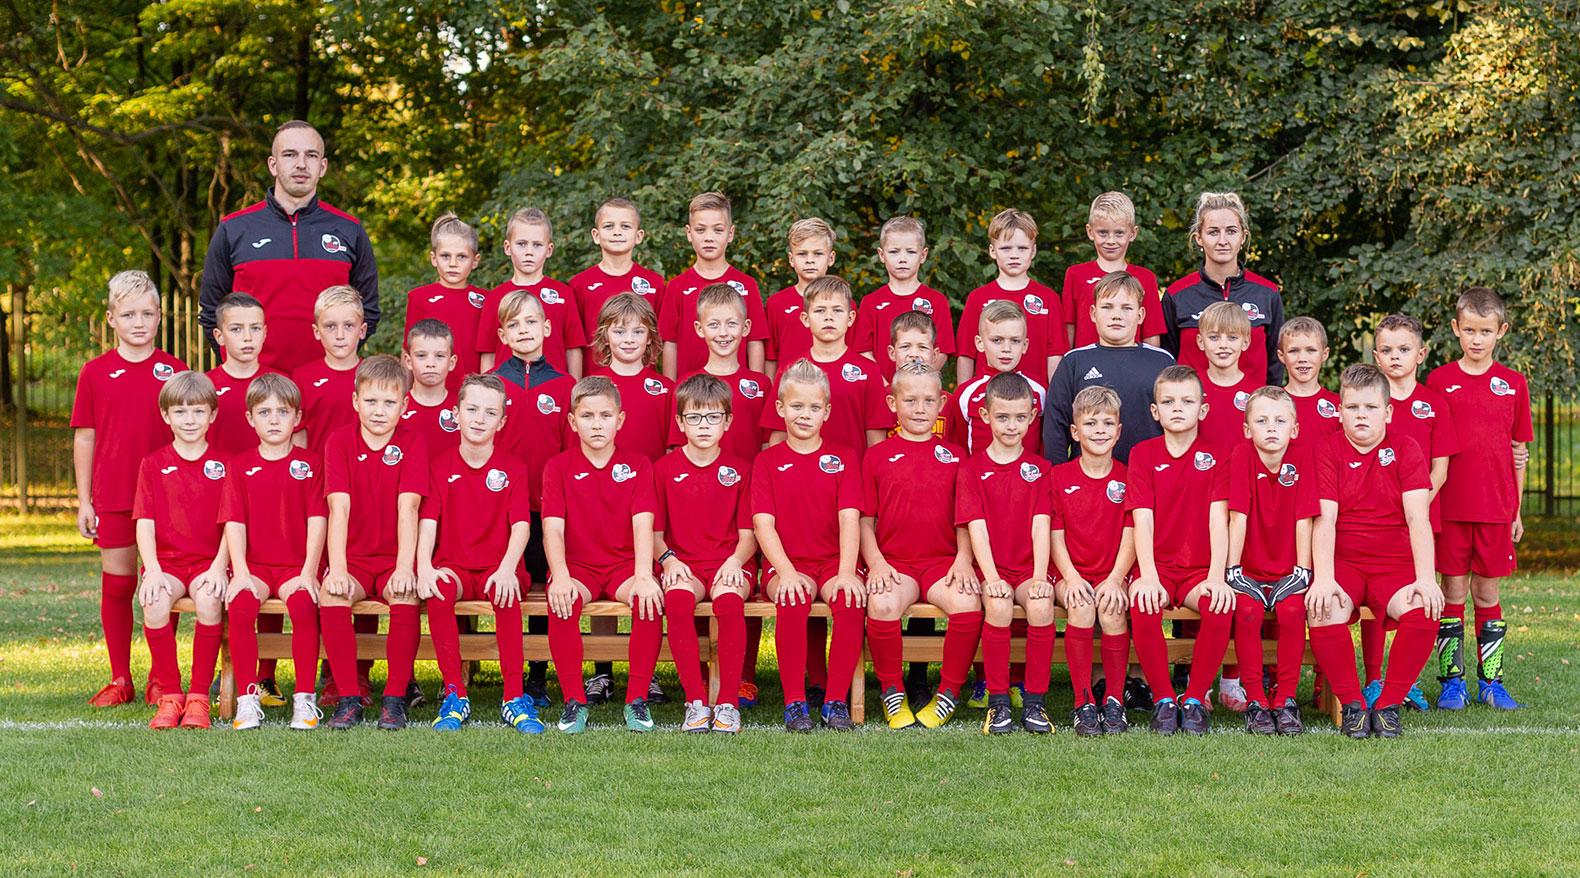 U9 berniukų futbolo komanda